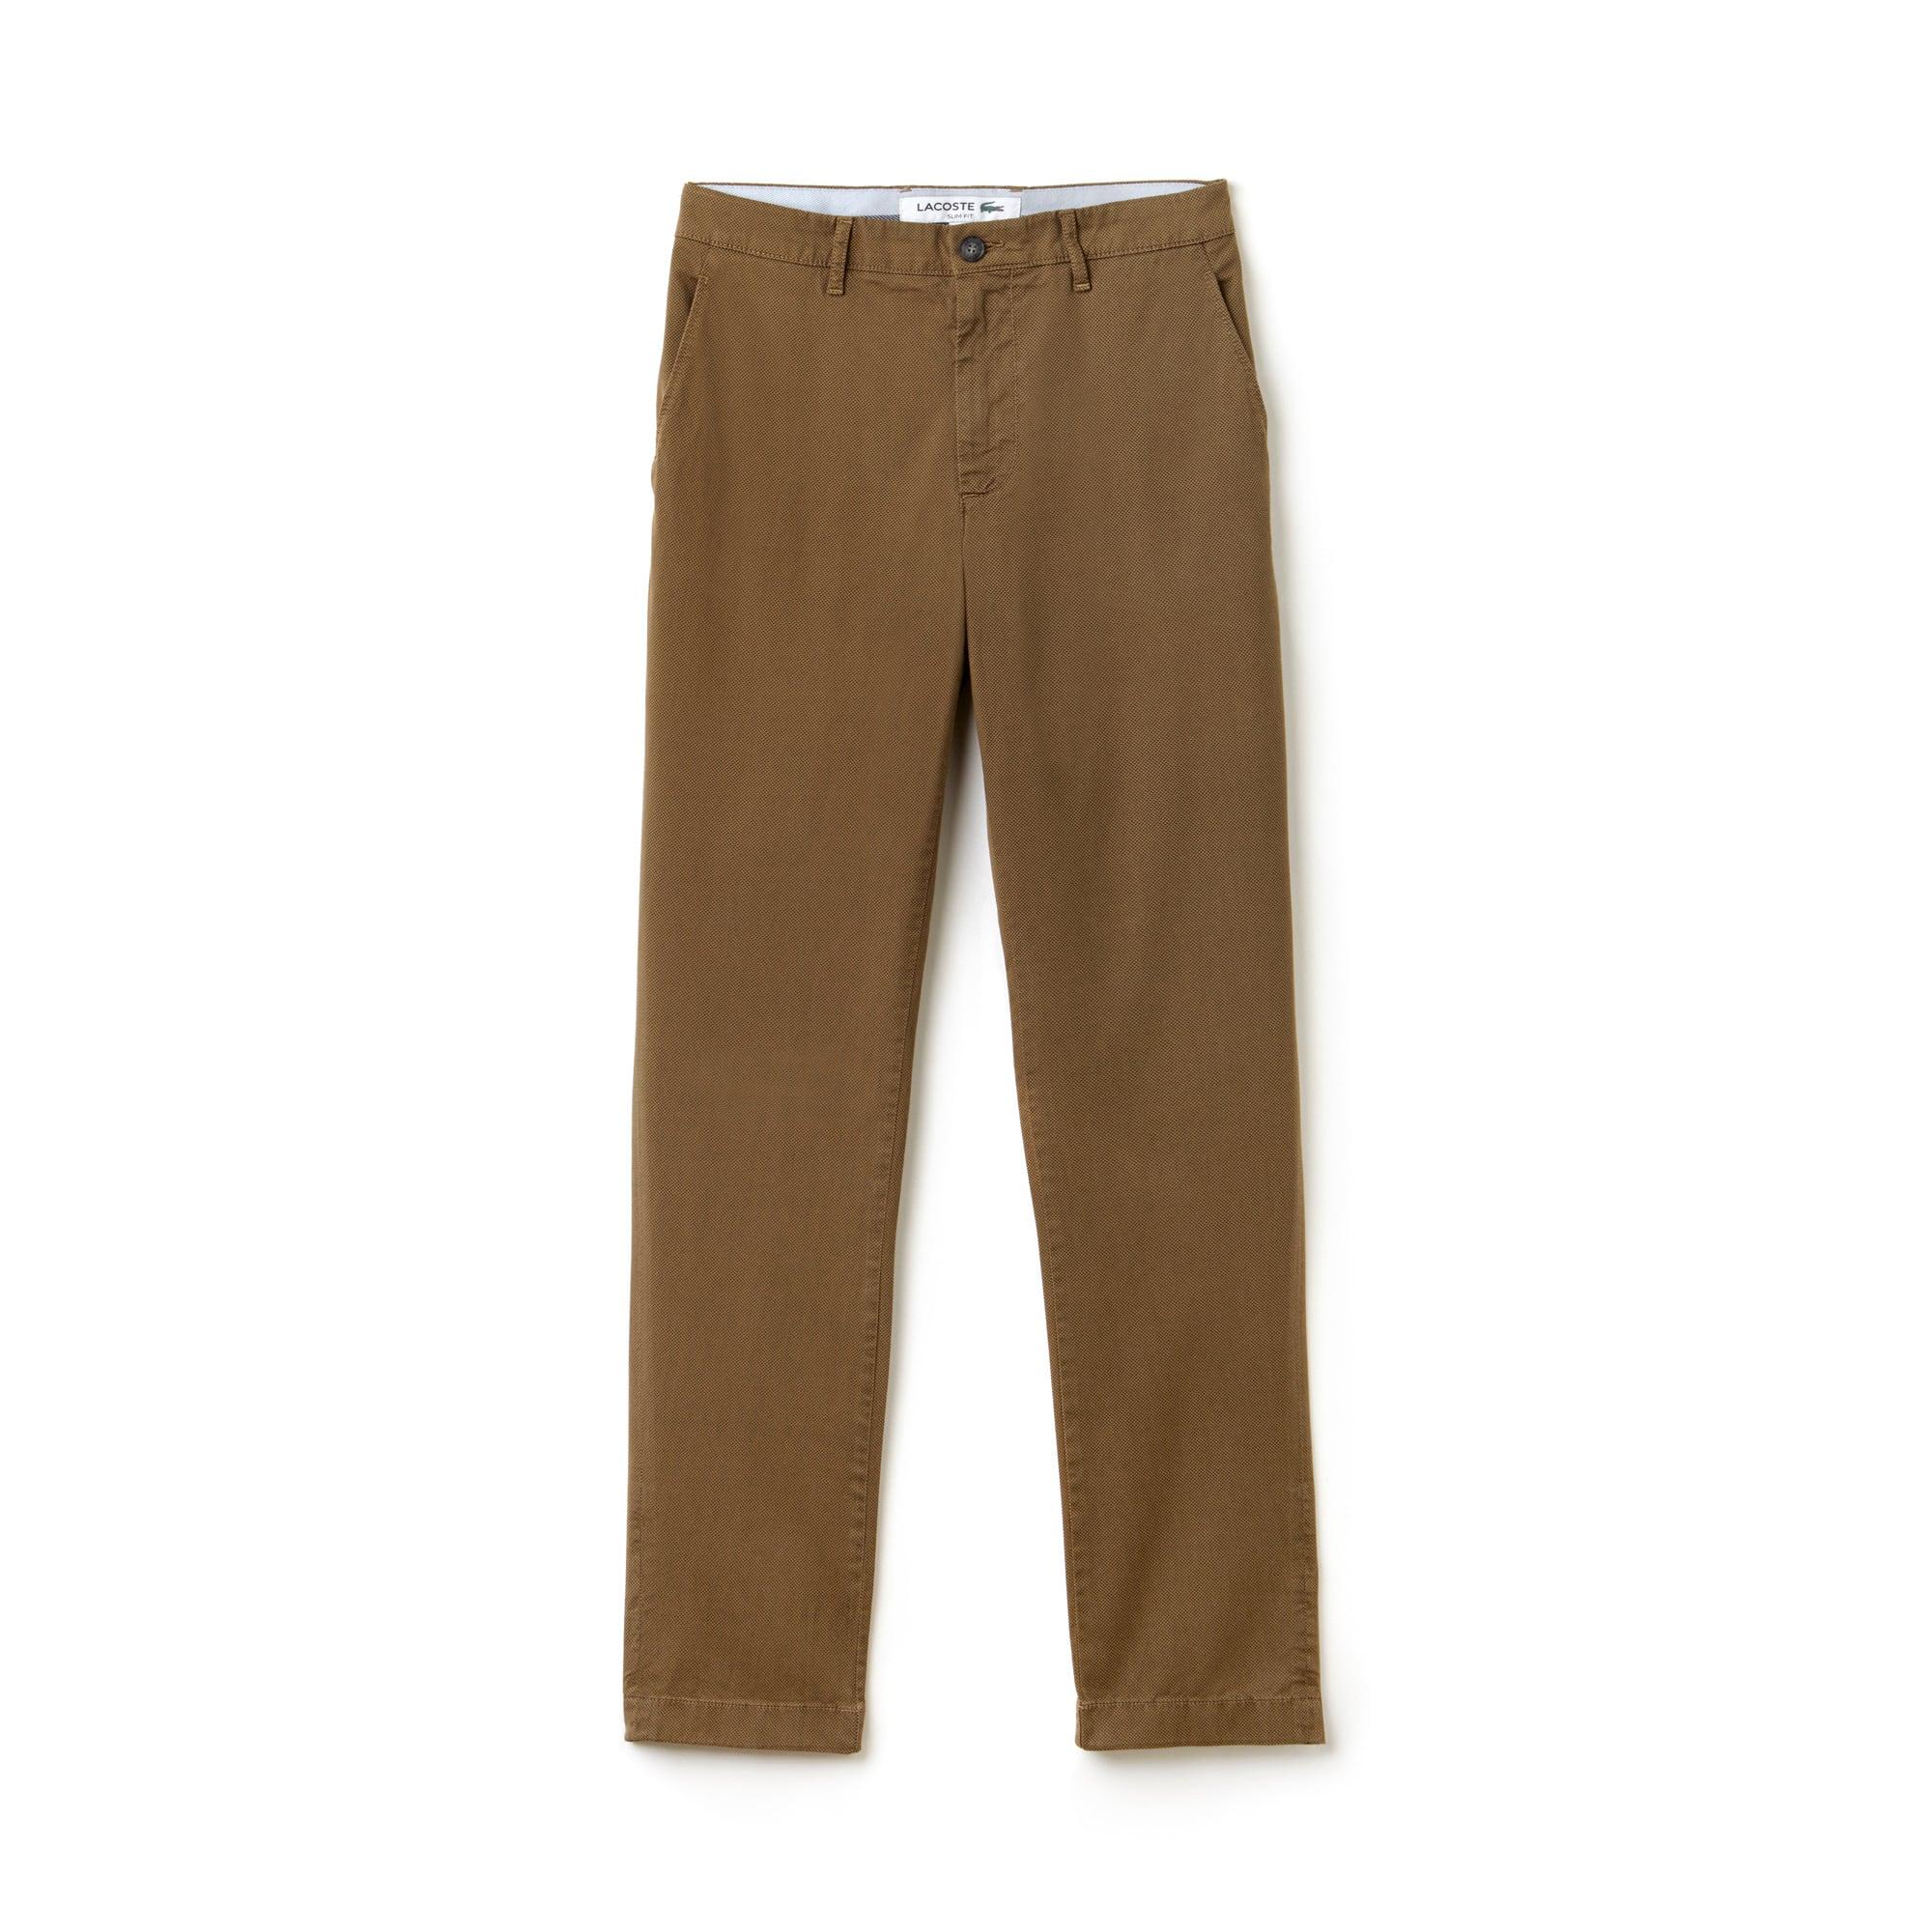 라코스테 Lacoste Mens Slim Fit Print Stretch Twill Chino Pants,DARK RENAISSANCE BROWN/MI